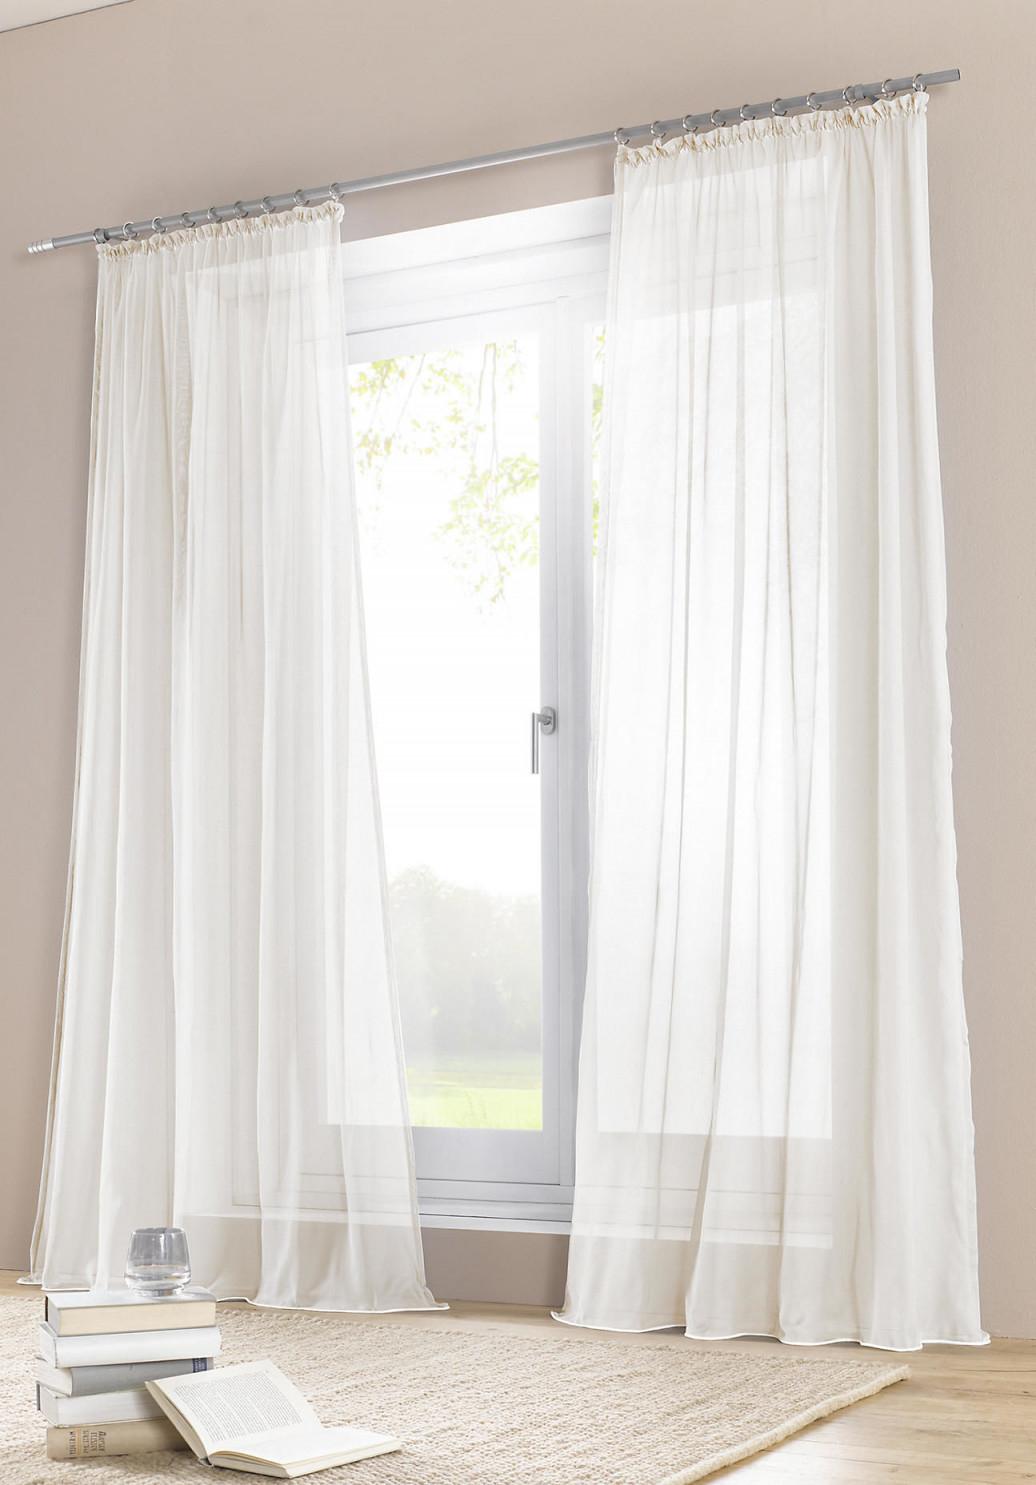 Die Schönsten Ideen Für Vorhänge  Gardinen von Design Gardinen Wohnzimmer Photo